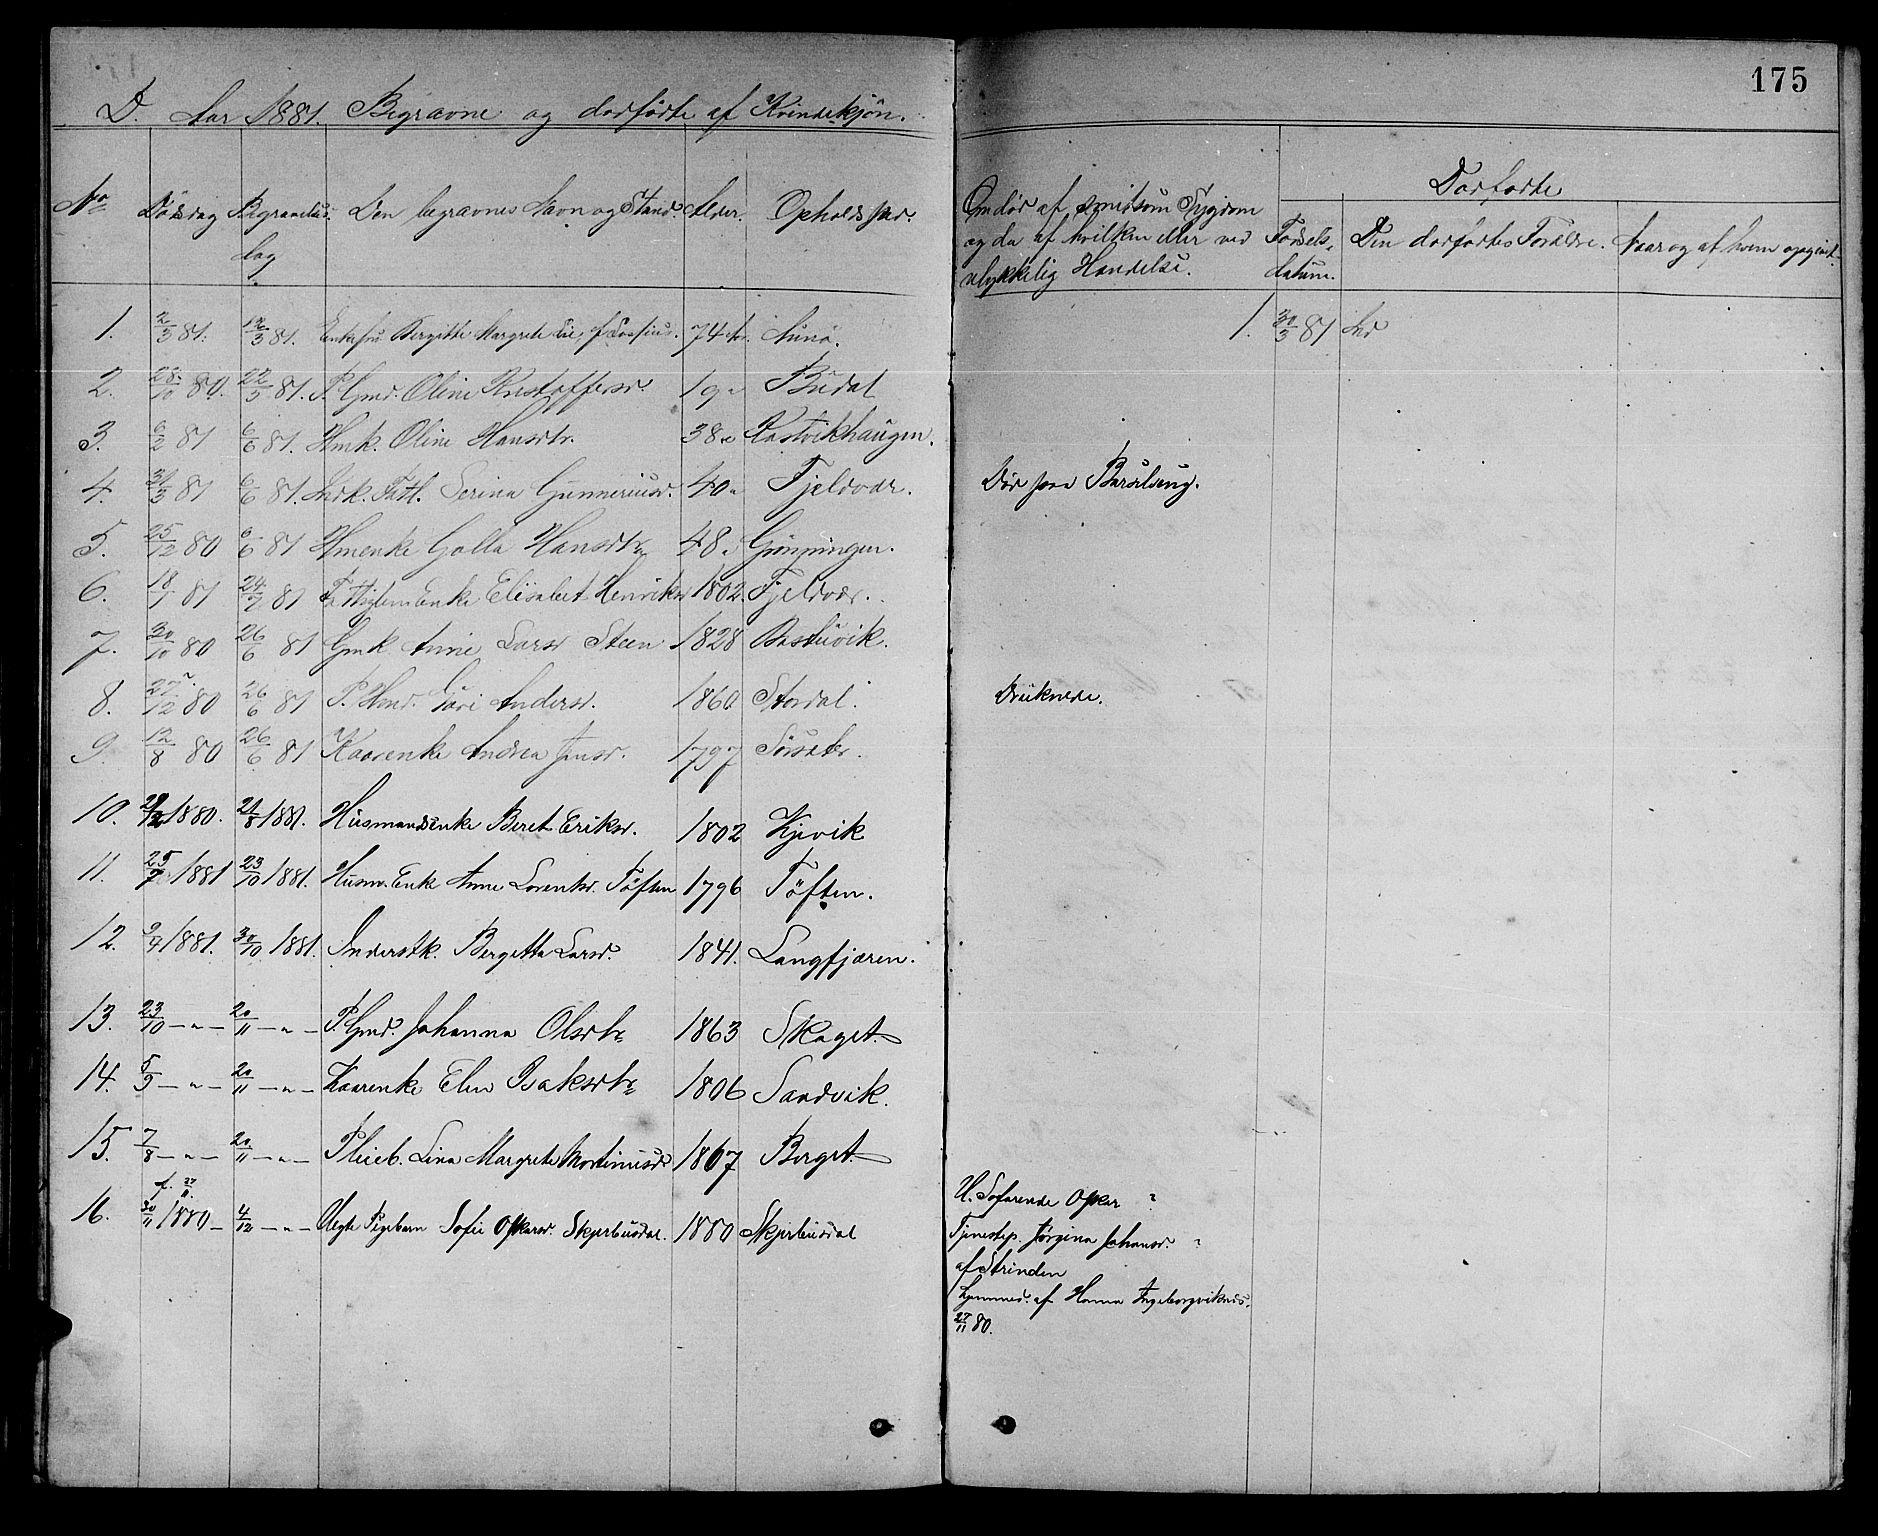 SAT, Ministerialprotokoller, klokkerbøker og fødselsregistre - Sør-Trøndelag, 637/L0561: Klokkerbok nr. 637C02, 1873-1882, s. 175